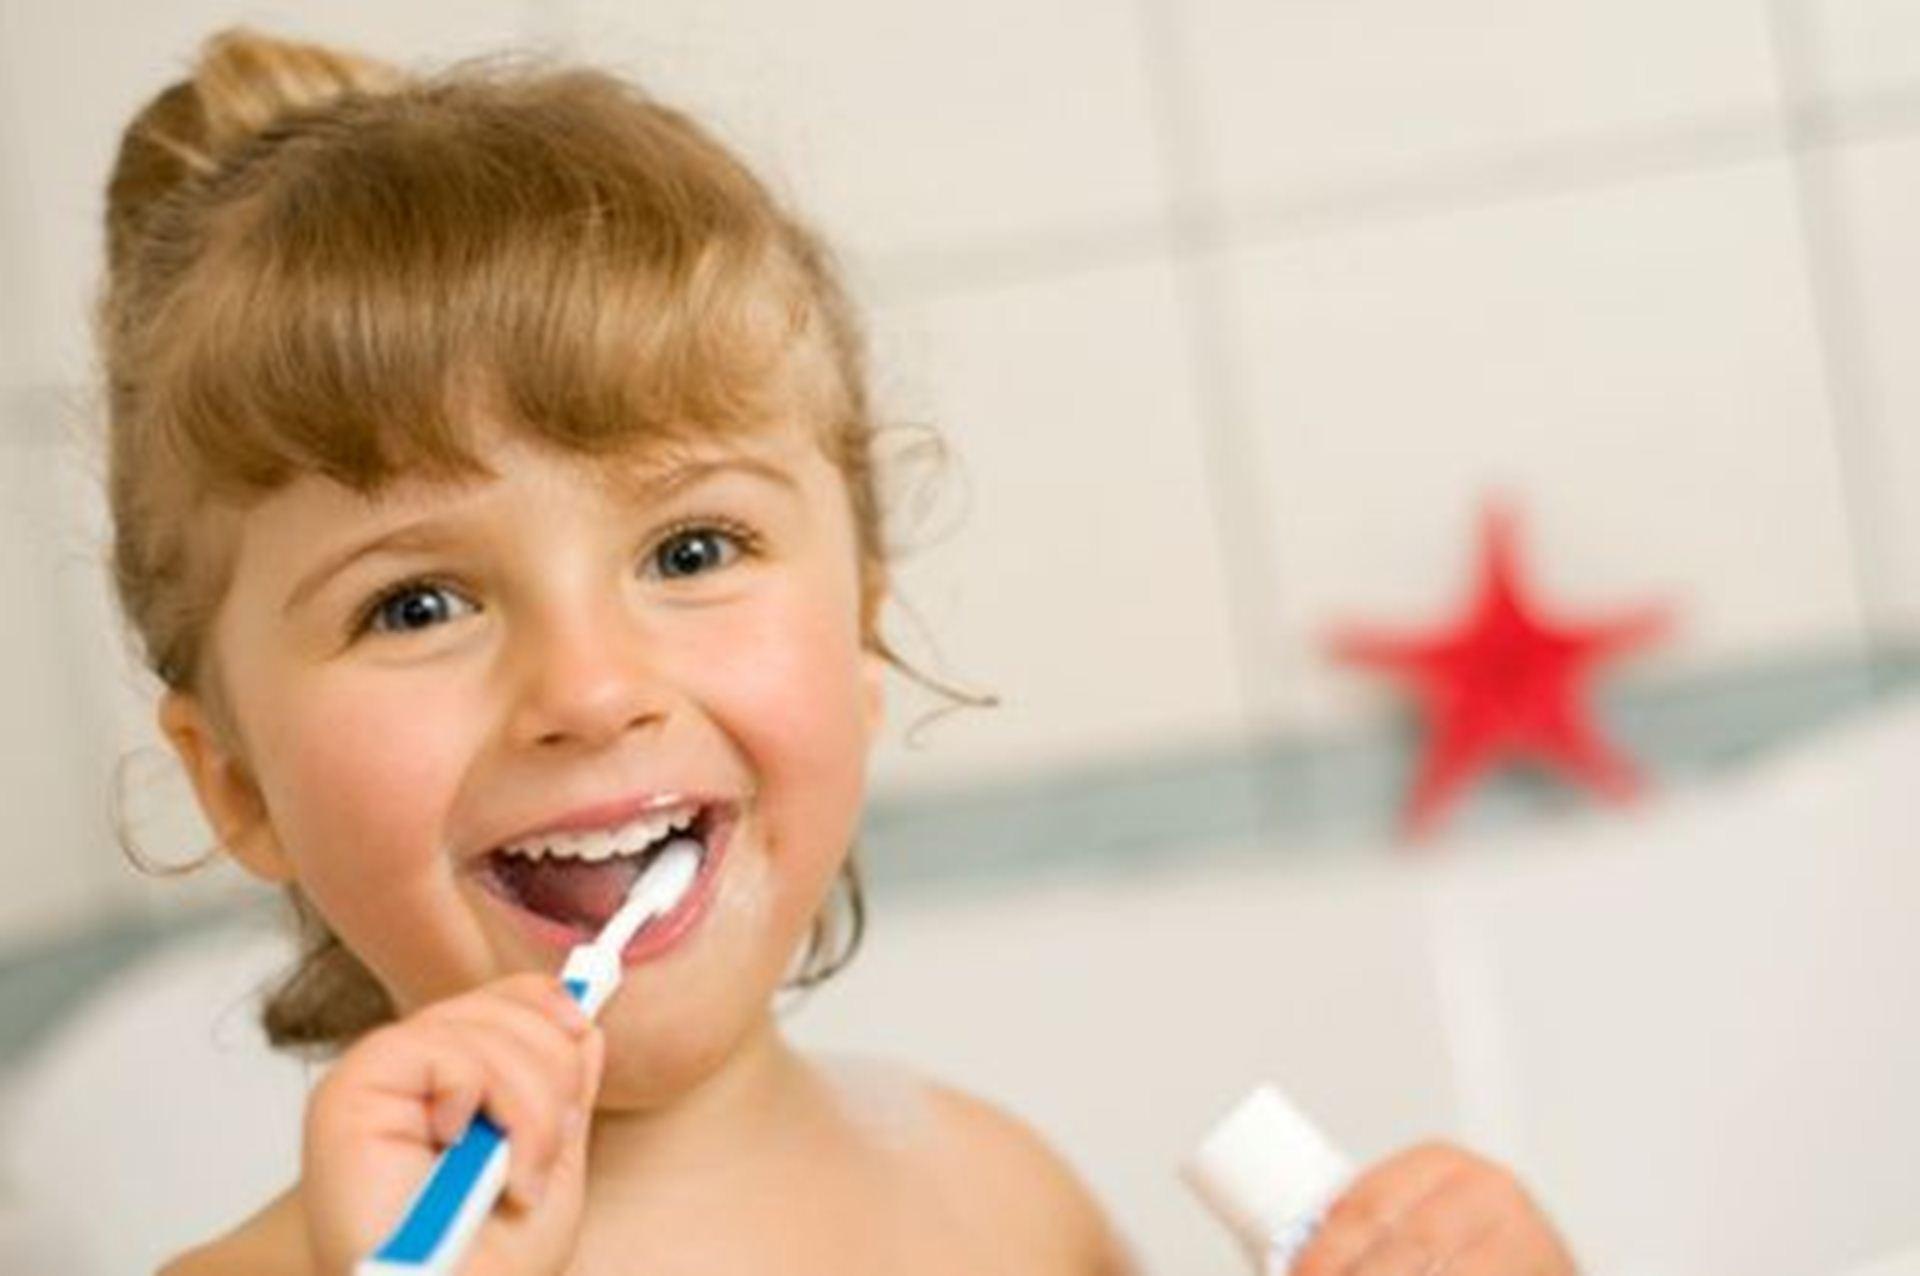 La infancia, punto clave en la salud bucodental